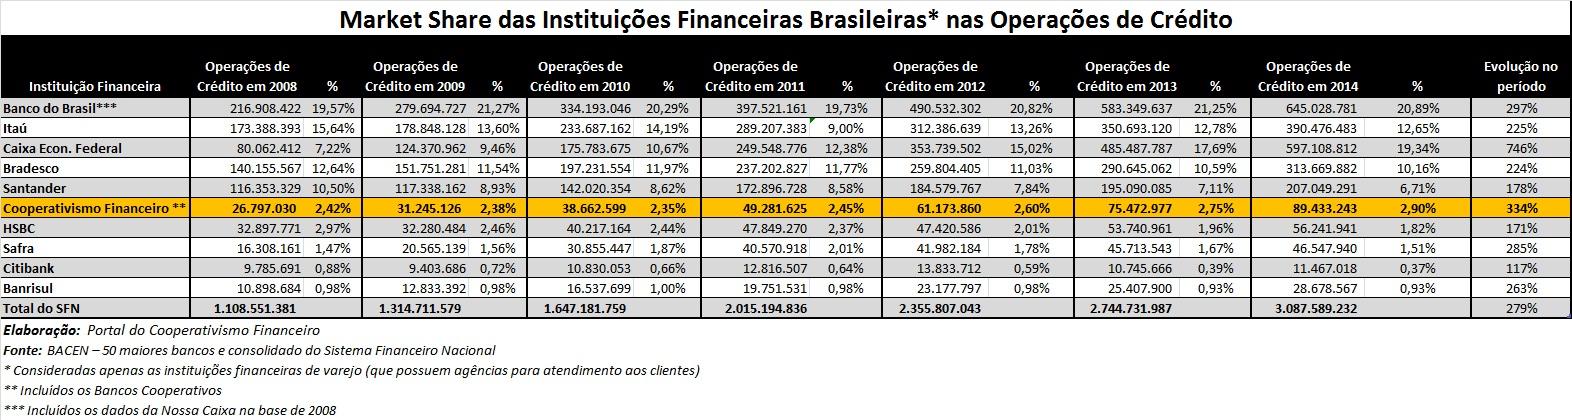 2014-Dados_Cooperativas_Financeiras_crédito